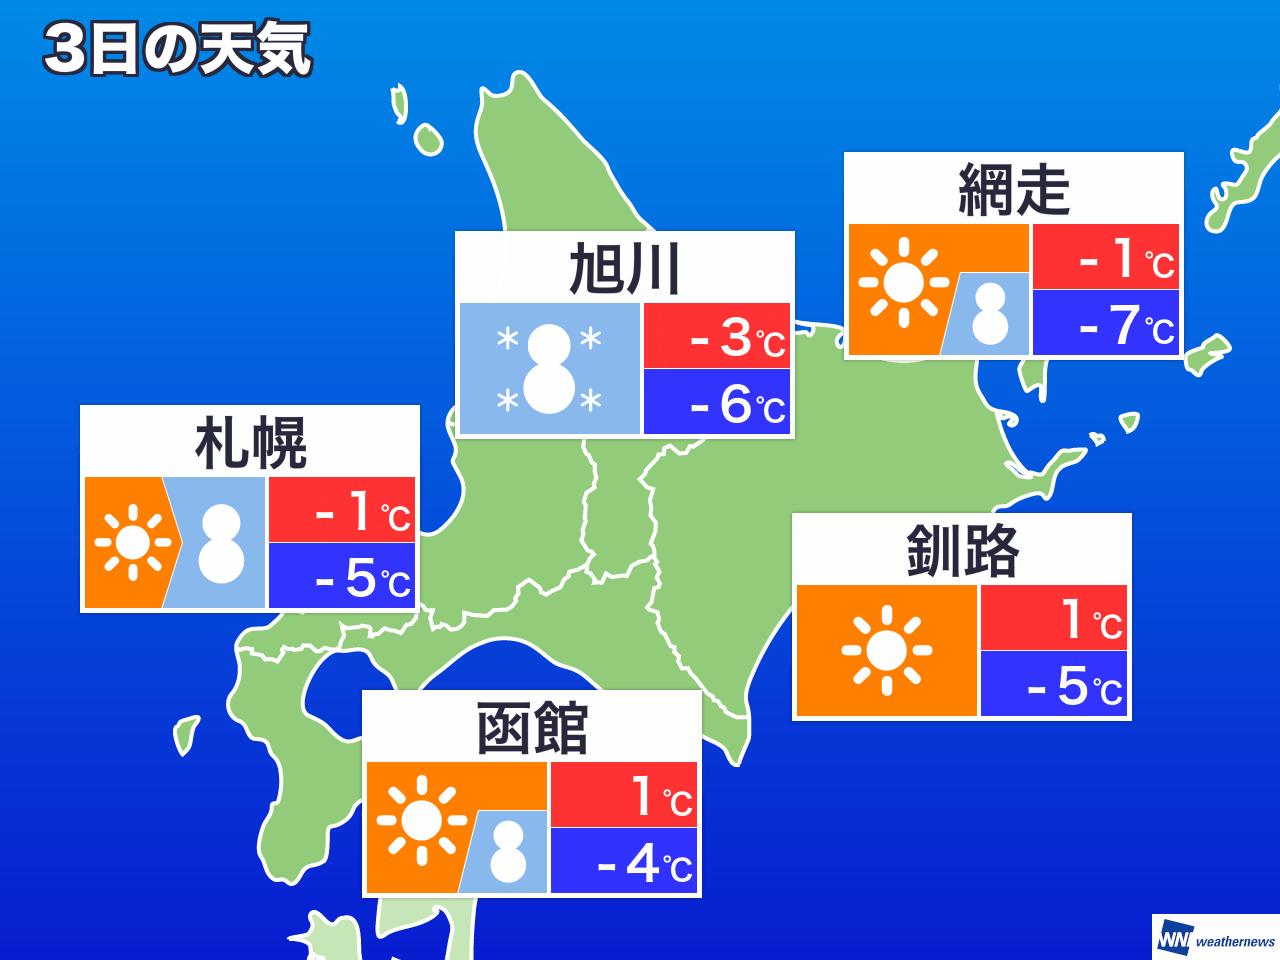 1 旭川 時間 天気